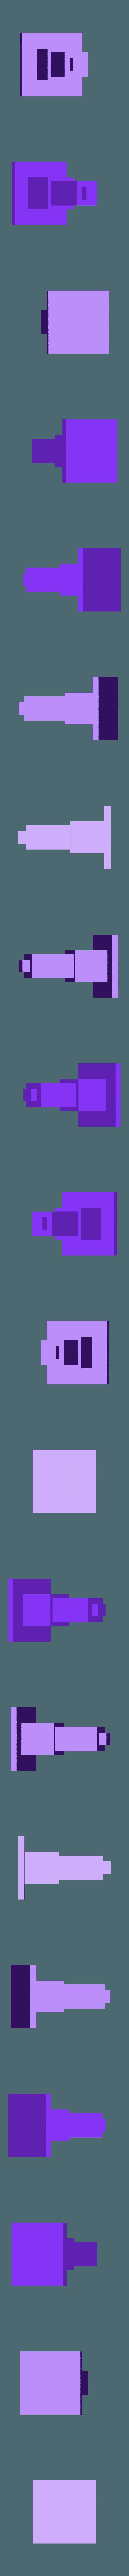 Piggy_Santa-hat_help-box.stl Télécharger fichier STL gratuit Piggy - Compléments de Noël • Plan à imprimer en 3D, c47